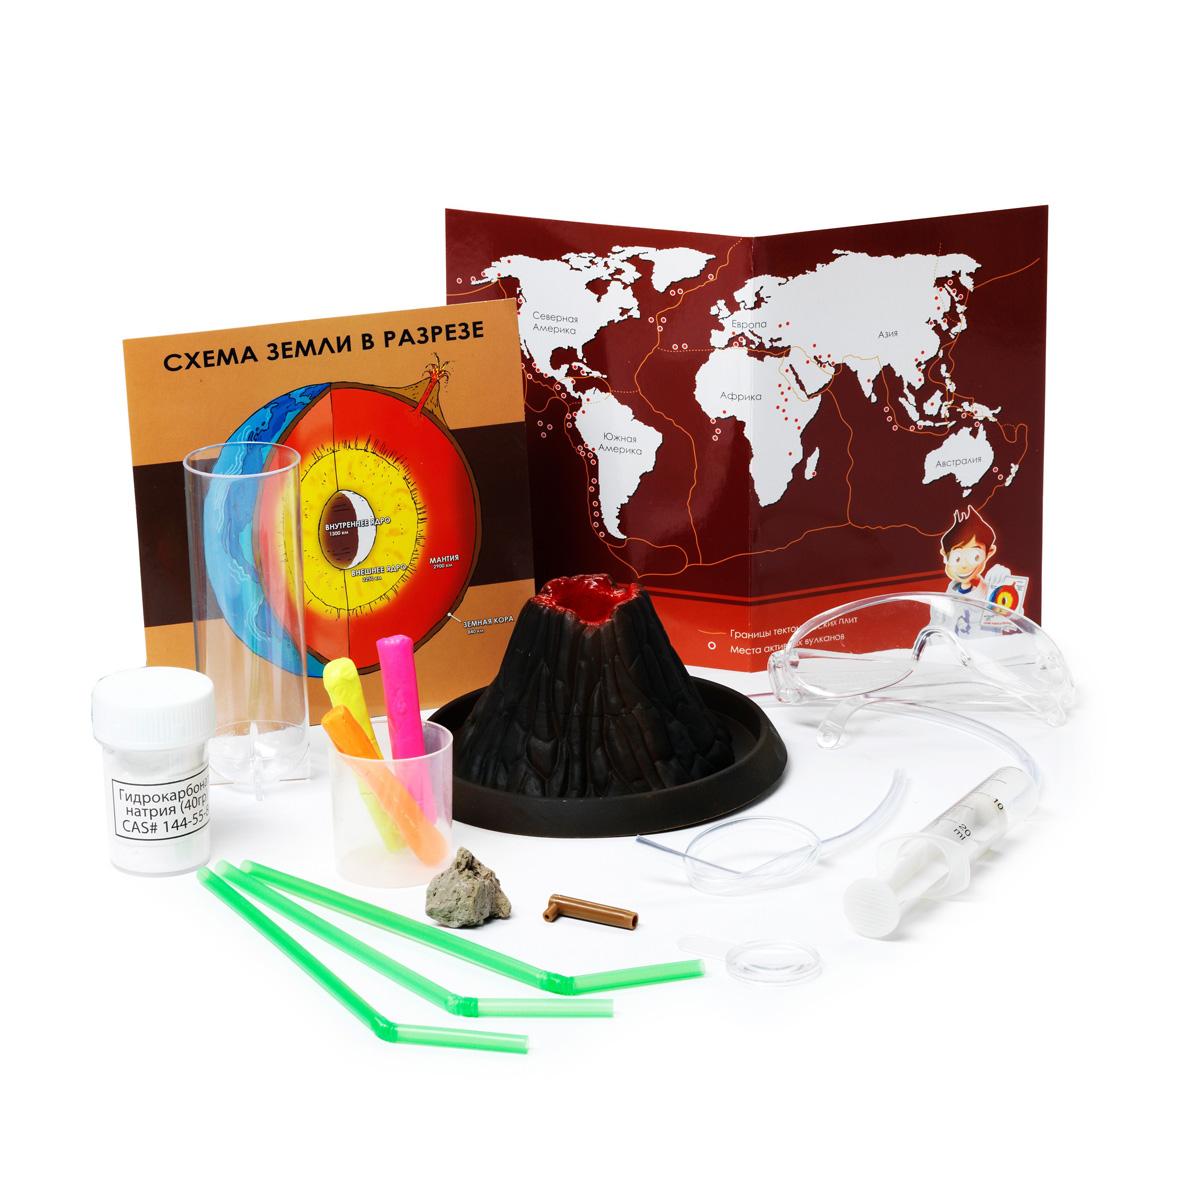 Научно-познавательный набор Bondibon Наука о вулканахВВ0935Если Вы восхищаетесь самым могущественным, величественным и устрашающим порождением матушки-природы – горами, то Вам наверняка не раз хотелось познать мир самых опасных из них. Благодаря своему «живому» организму вулканы собирают тысячи любопытных туристов и ученых со всего мира, которые мечтают хотя бы раз в жизни увидеть извержение магмы. Даже если Вы живете в абсолютно ровной местности, вы сможете показать своему малышу все особенности и характеристики вулкана. Научно-популярный набор «Наука о вулканах» поможет вашему ребенку не только понять, как устроена эта необычная гора, но и смоделировать настоящее извержение «вулкана». С помощью 5 экспериментов он сможет увидеть все процессы, происходящие в кратере вулканов. И как знать, может быть, уже через десяток лет мир откроет для себя еще одного гениального геолога.